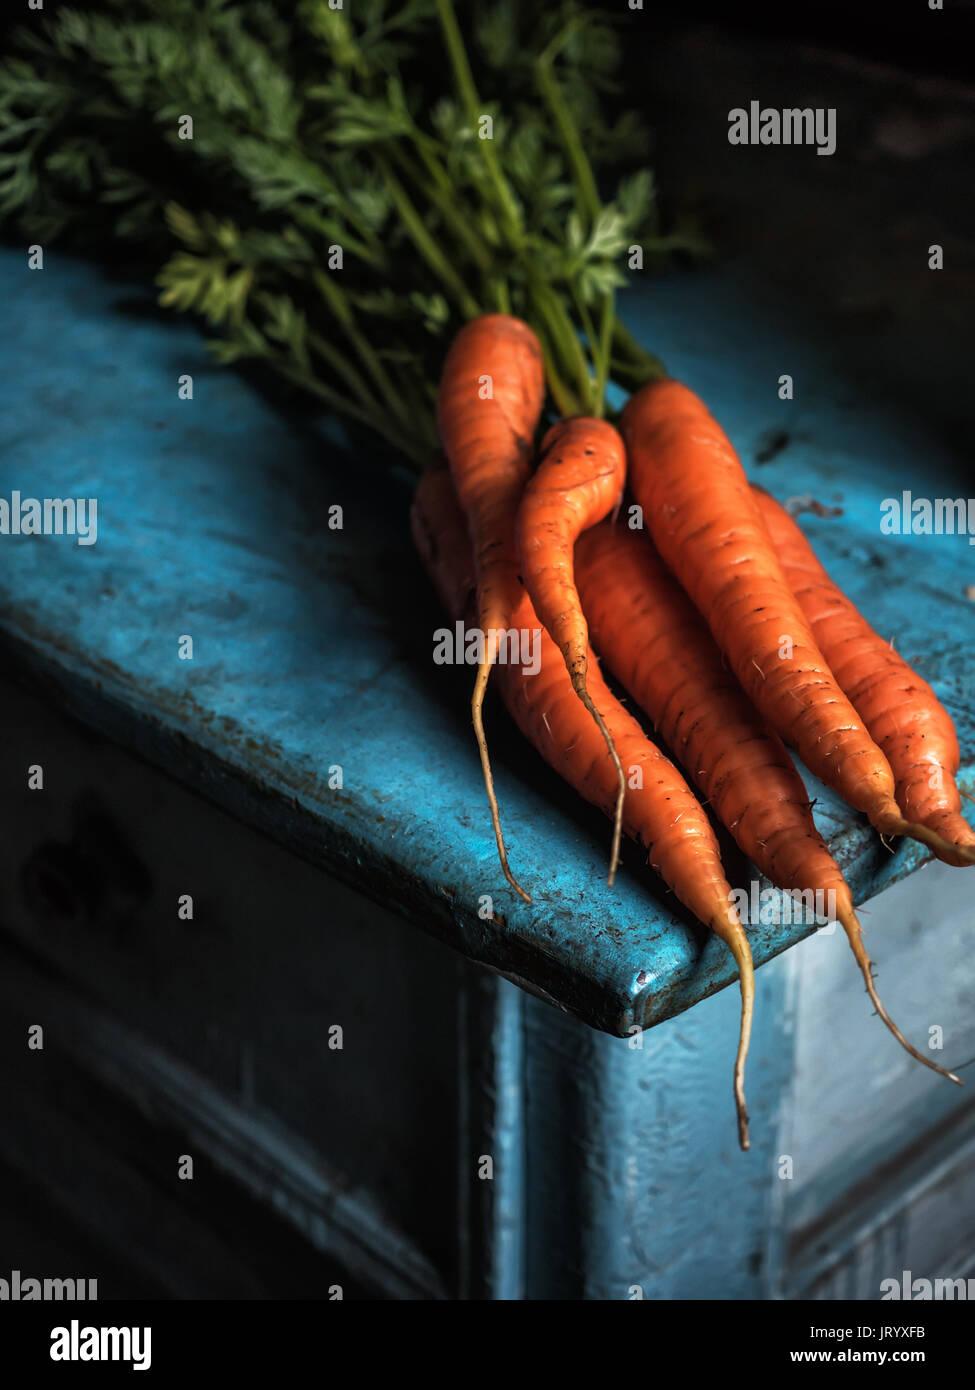 La récolte de carottes bouquet fraîcheur carotène Vitamine antioxydante pour recettes Photo Stock